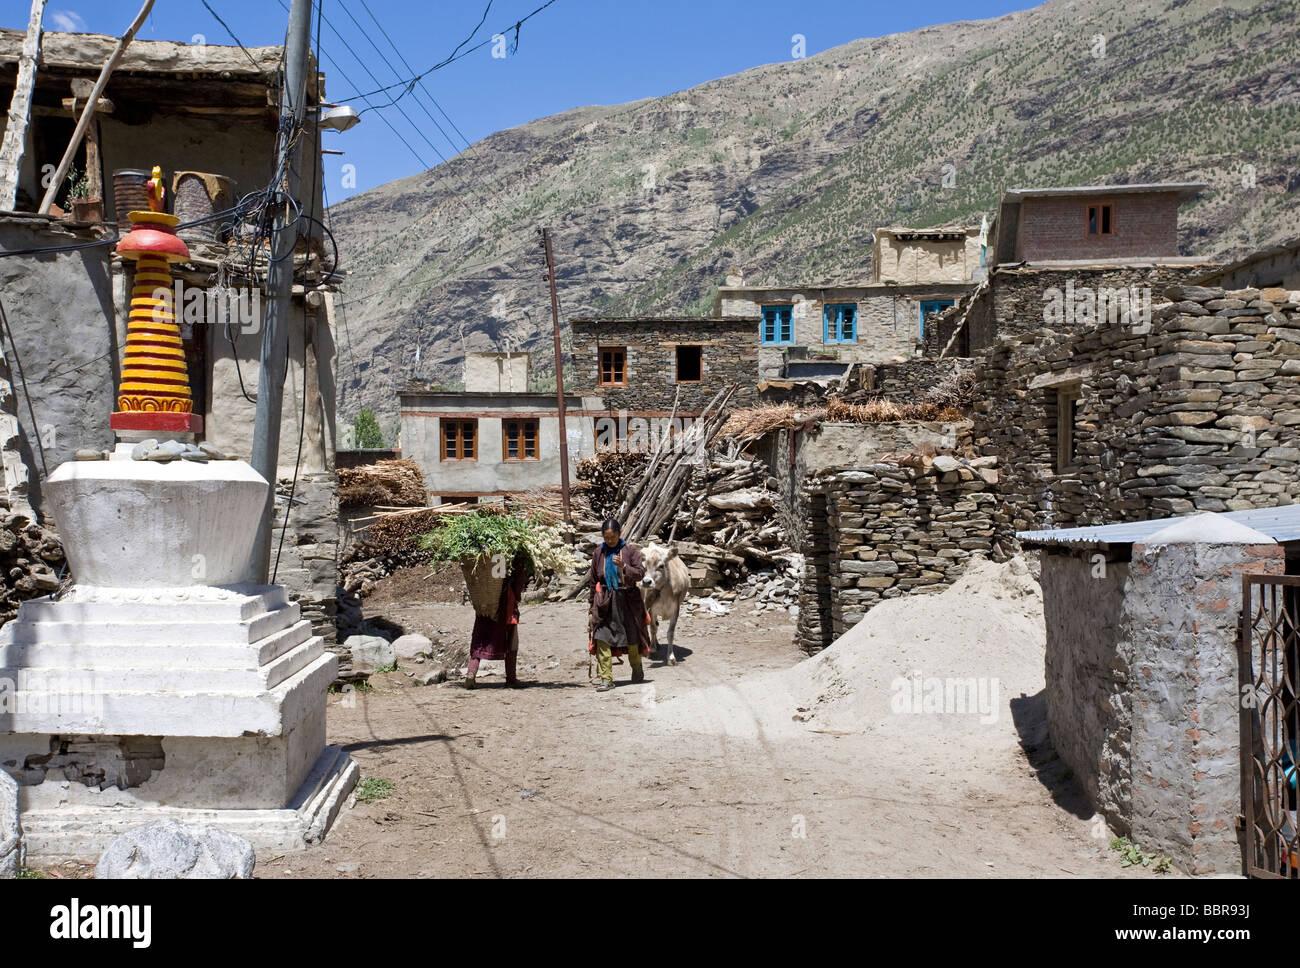 Khardang village. Keylong. Himachal Pradesh. India - Stock Image